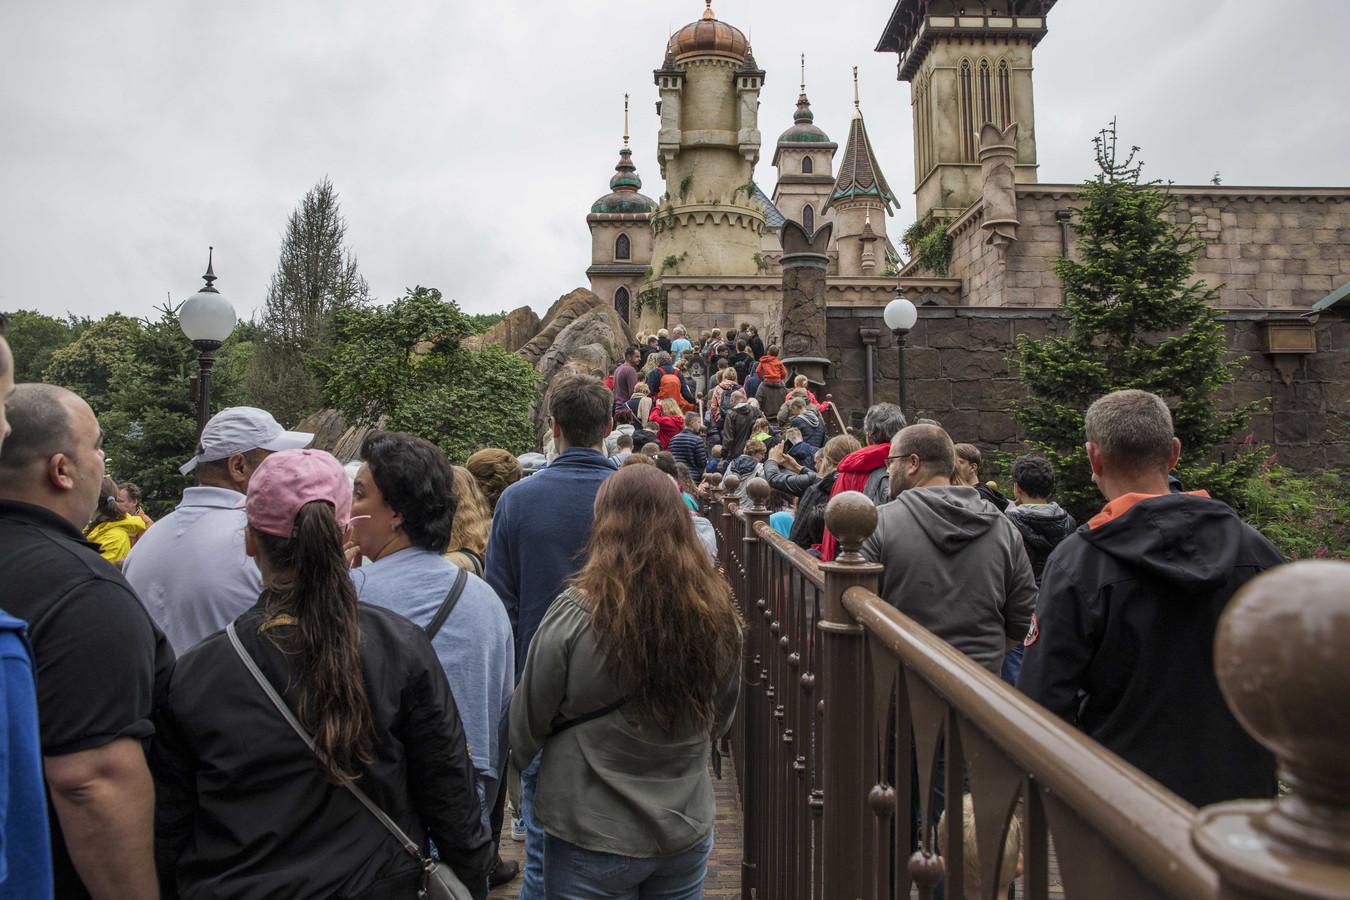 De Efteling wil de komende jaren doorgroeien naar 7 miljoen bezoekers per jaar.